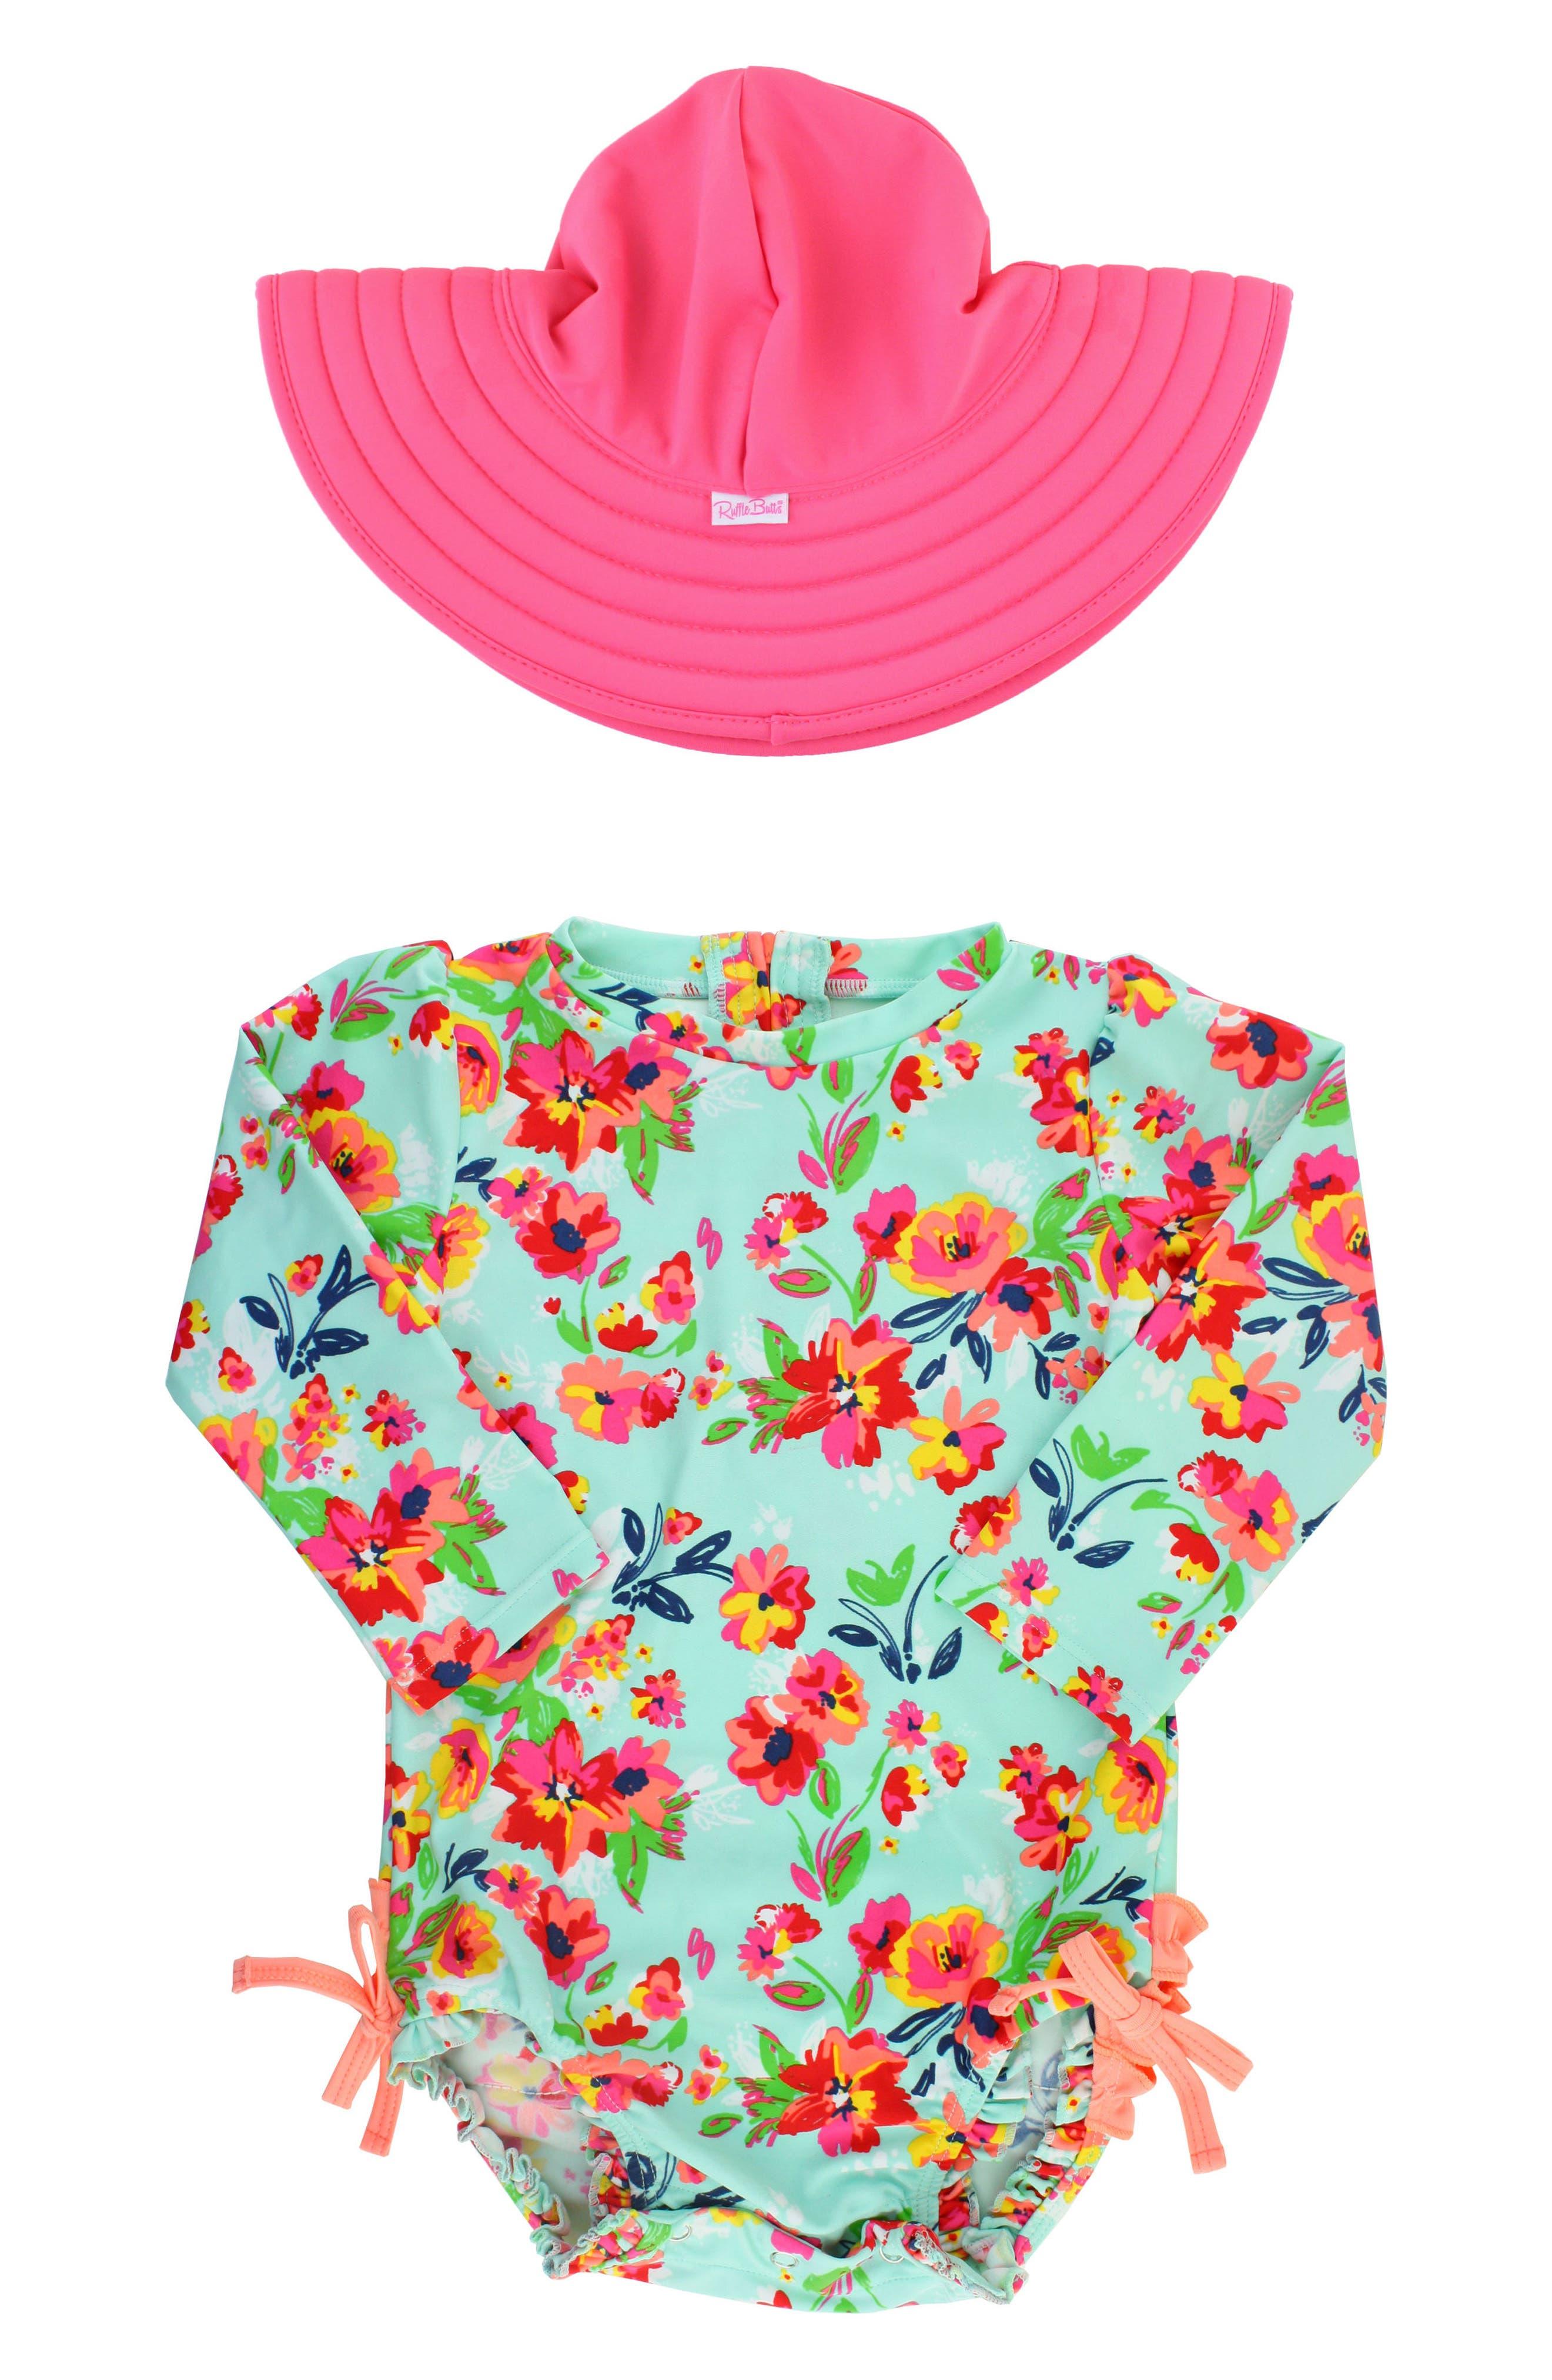 Painted Flowers One-Piece Rashguard Swimsuit & Reversible Sun Hat Set,                             Main thumbnail 1, color,                             460